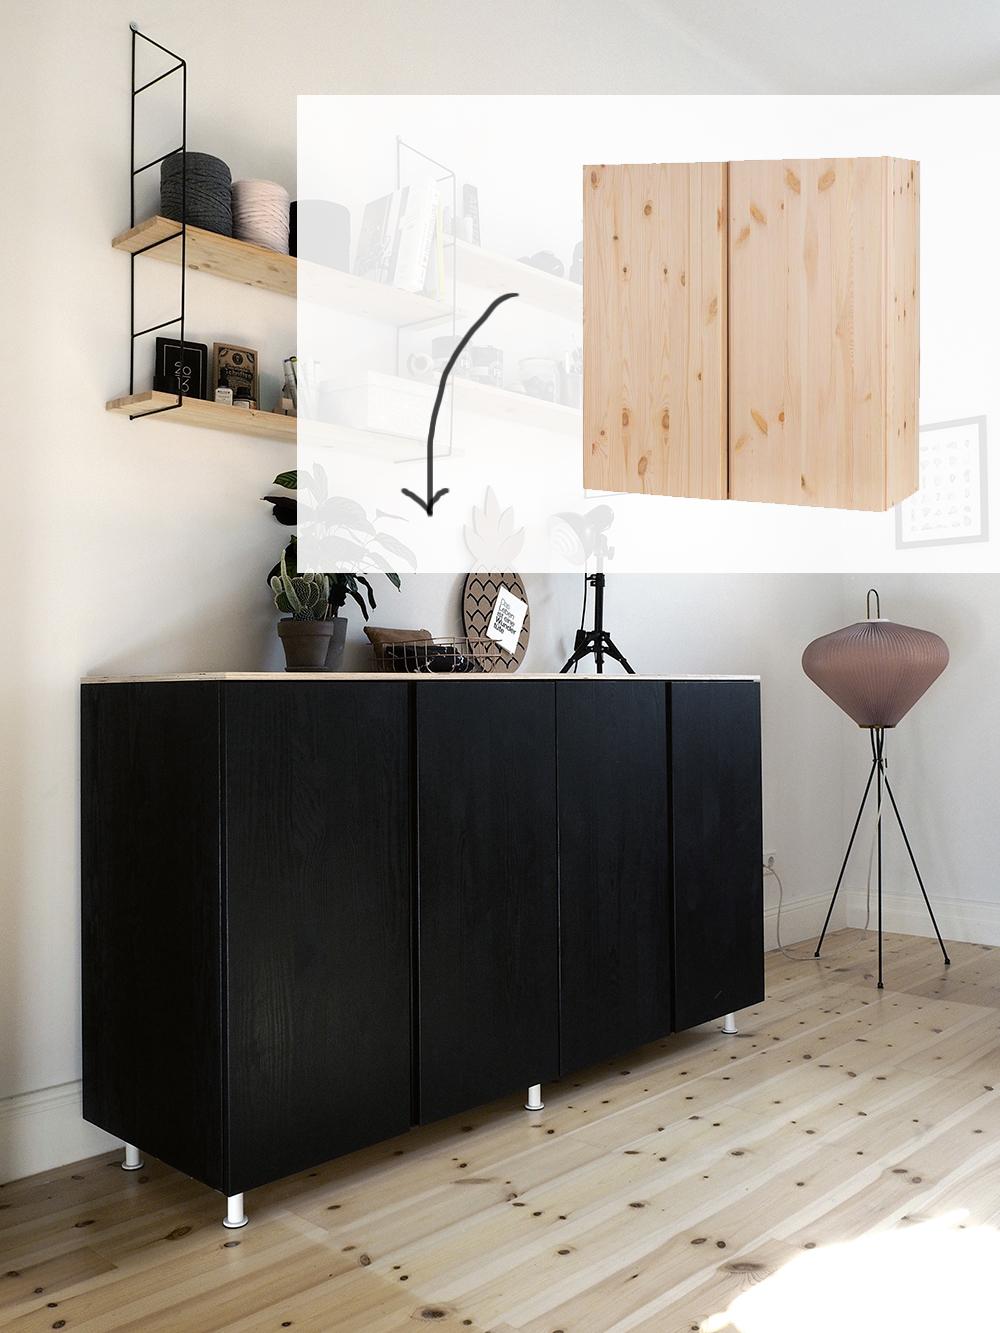 Full Size of Ikea Wohnzimmerschrank Weiß Hack Wie Du Aus Ivar Schrnken Ein Cooles Sideboard Machst Küche Kosten Bad Hängeschrank Badezimmer Hochschrank Hochglanz Betten Wohnzimmer Ikea Wohnzimmerschrank Weiß